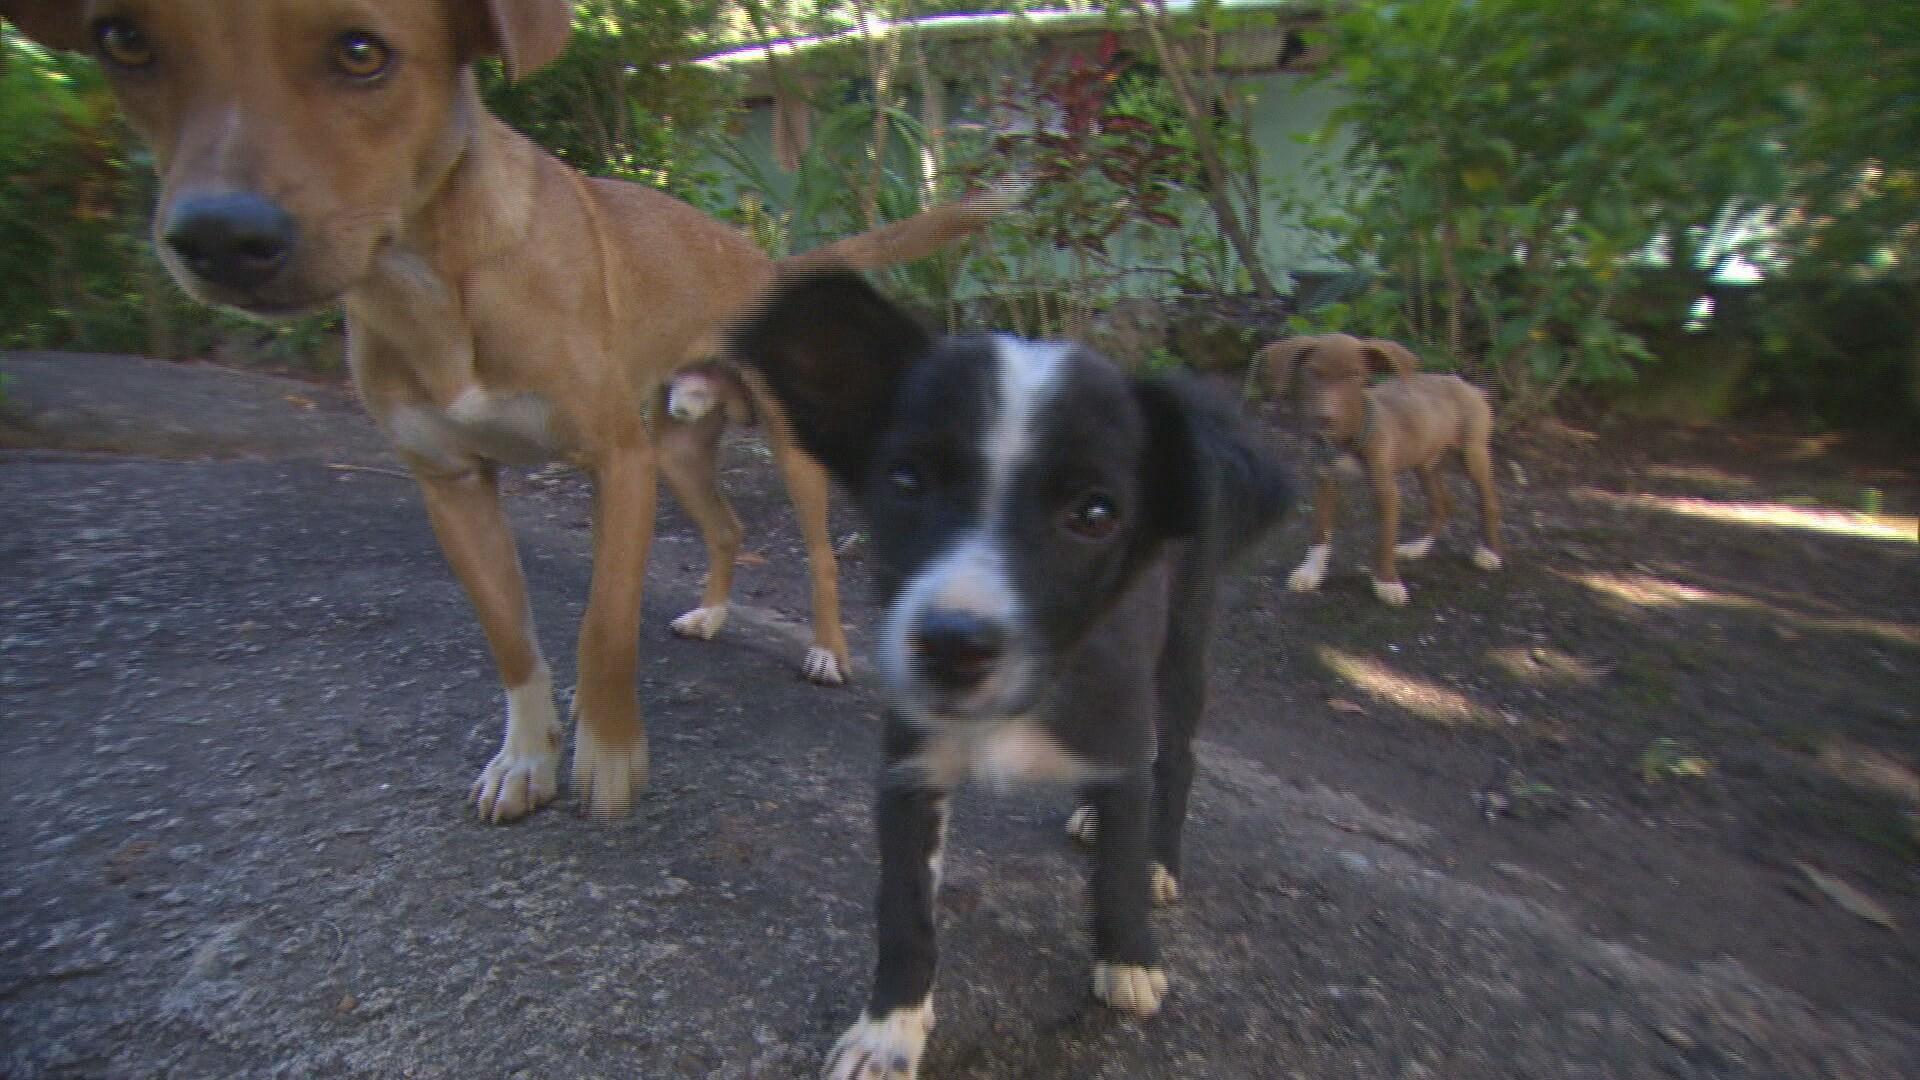 Busca por adoção e quantidade de animais abandonados crescem na pandemia, diz ONG de Contagem